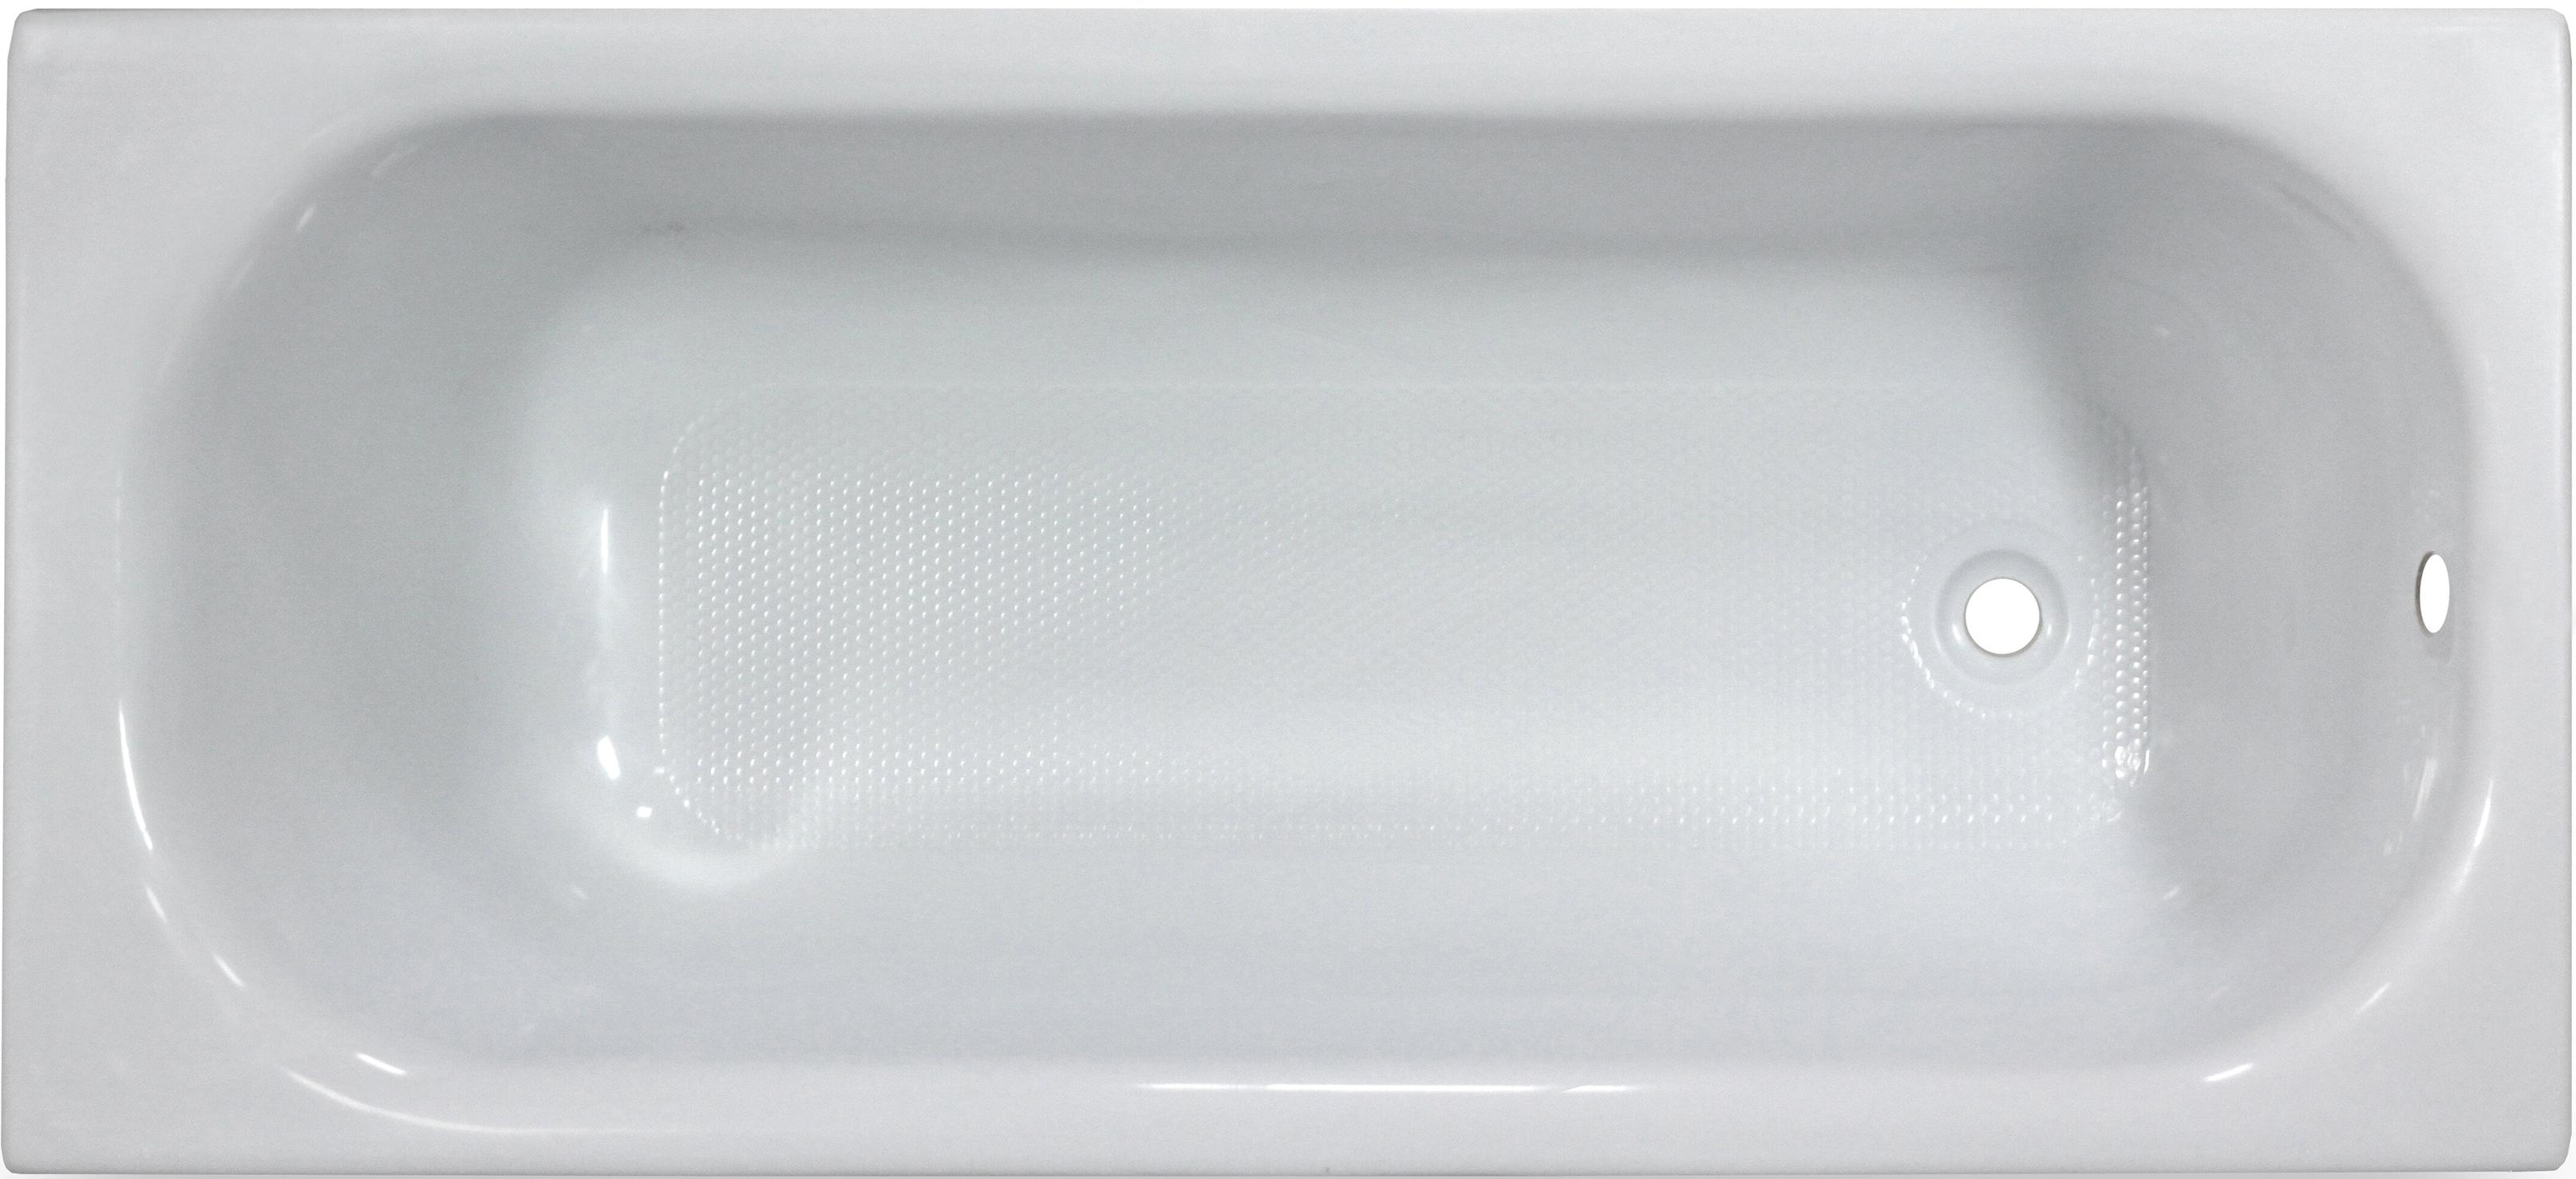 Акриловая ванна Triton Ультра 170 см